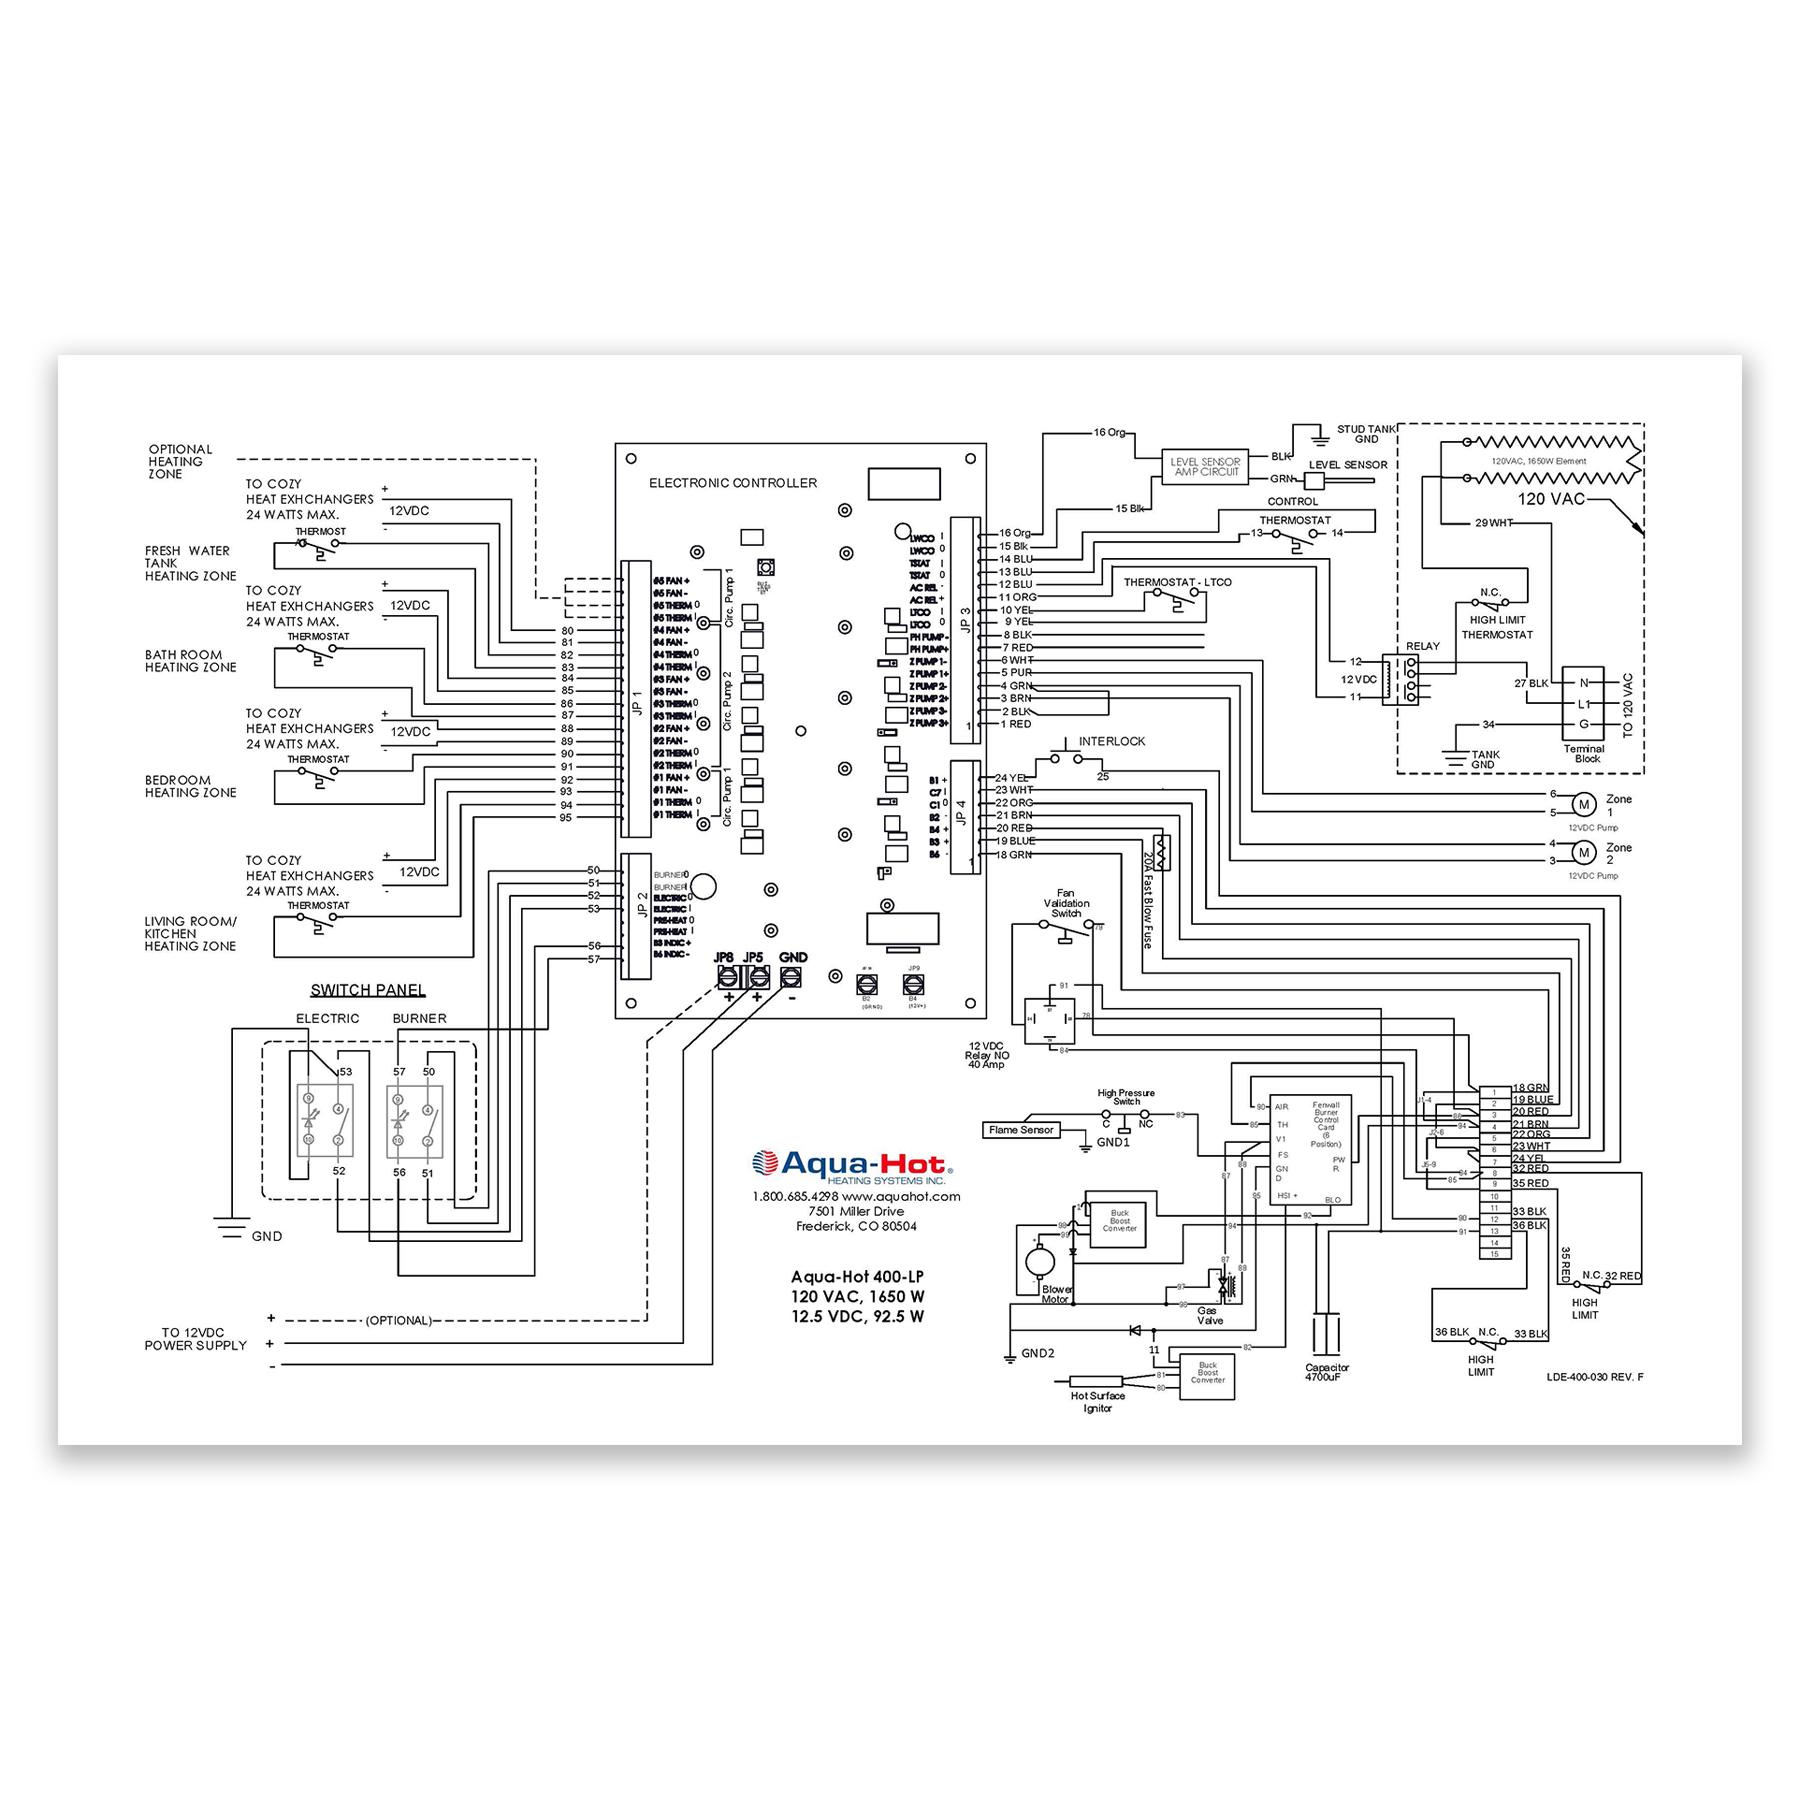 CONS 400P Wiring Diagram Label